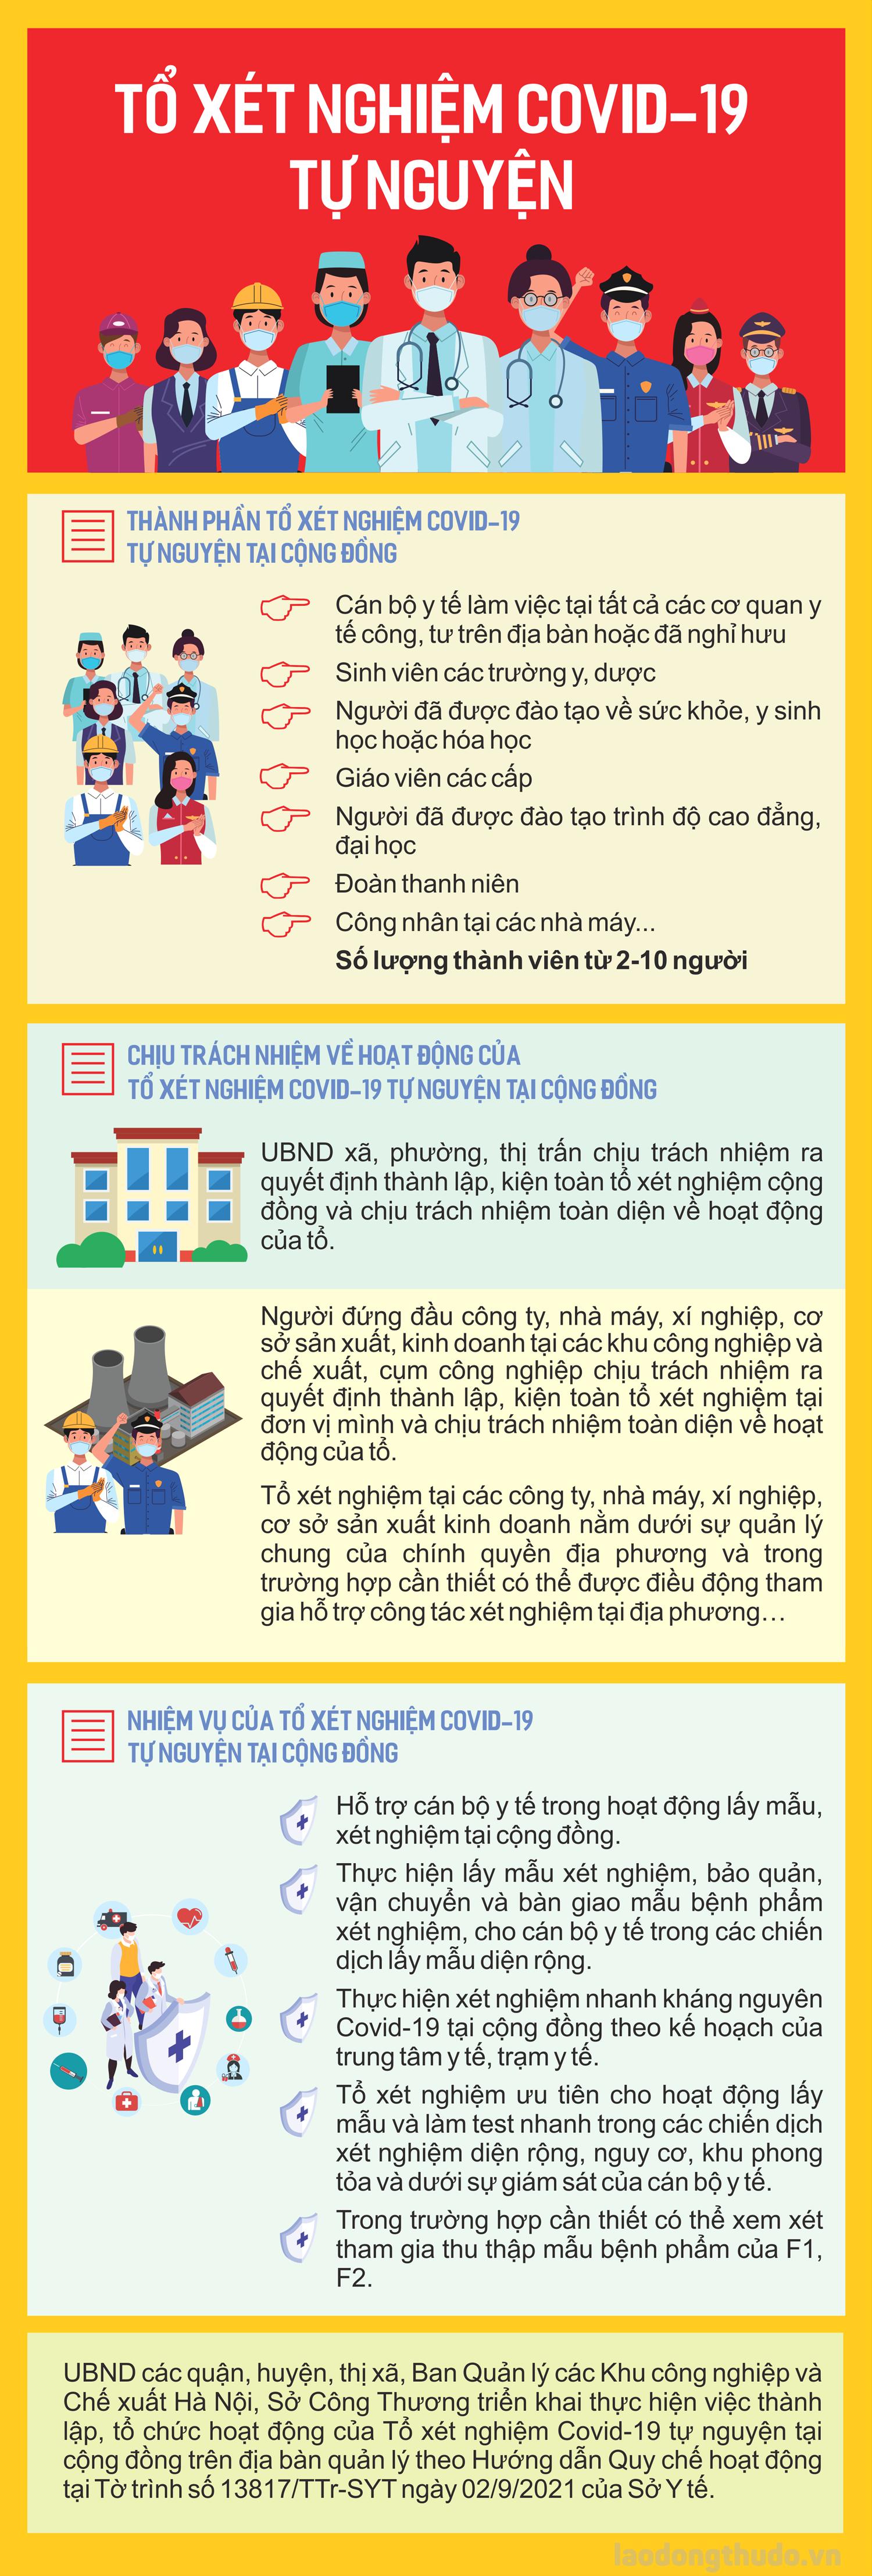 Infographic: Thành lập thí điểm tổ xét nghiệm Covid-19 tự nguyện